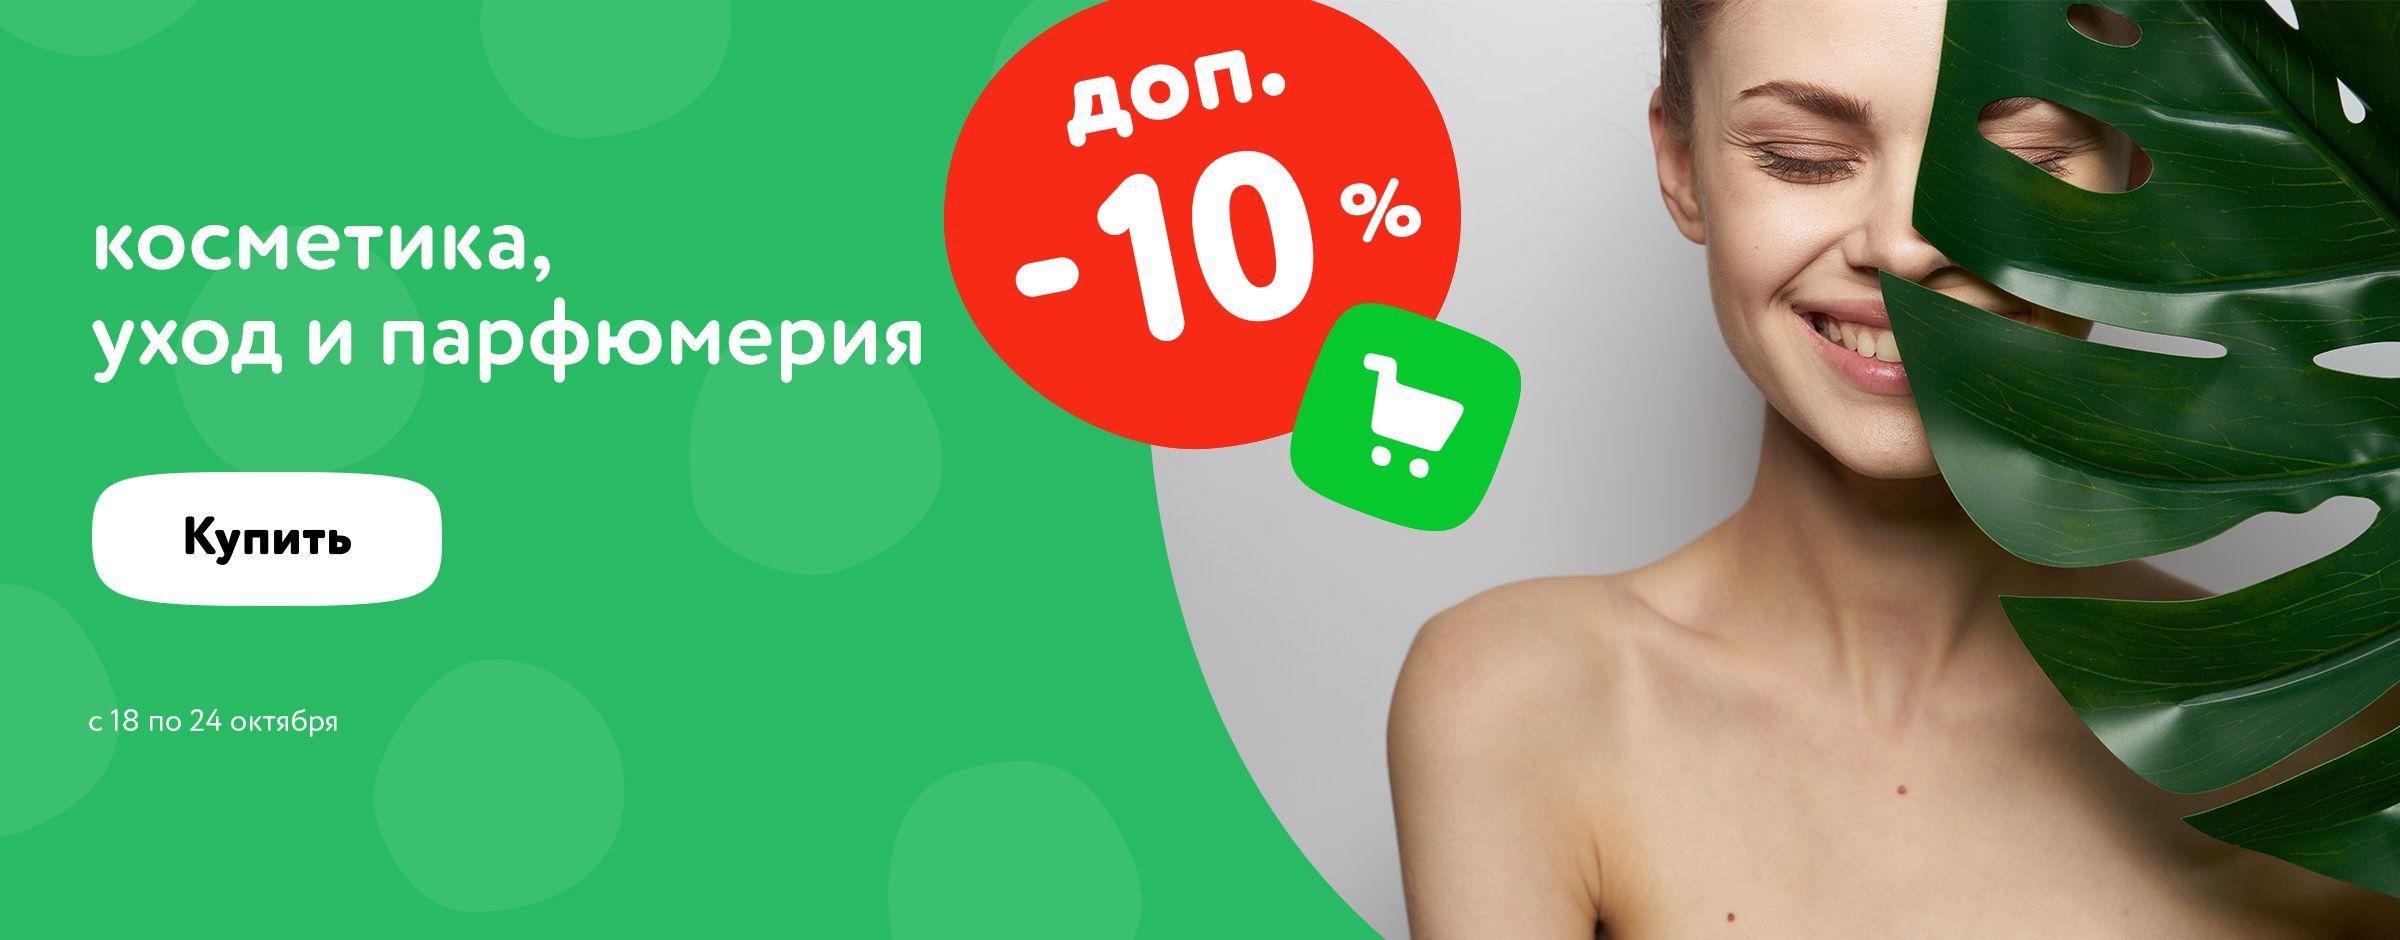 Скидка 10% в корзине на косметику, товары для гигиены и ухода